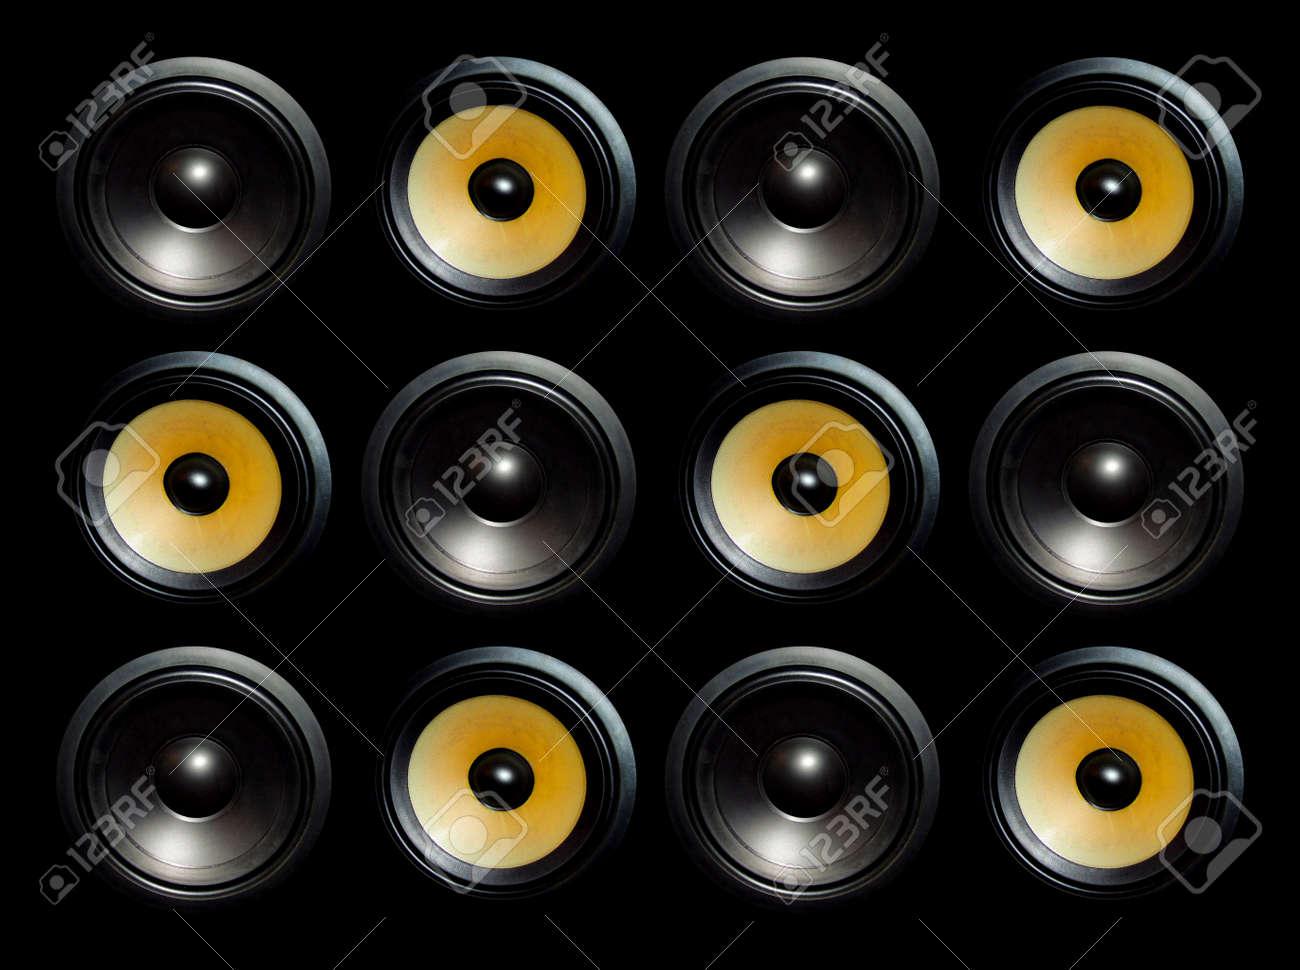 Big loud box with dozen round speakers Stock Photo - 699621  sc 1 st  123RF Stock Photos & Big Loud Box With Dozen Round Speakers Stock Photo Picture And ... Aboutintivar.Com